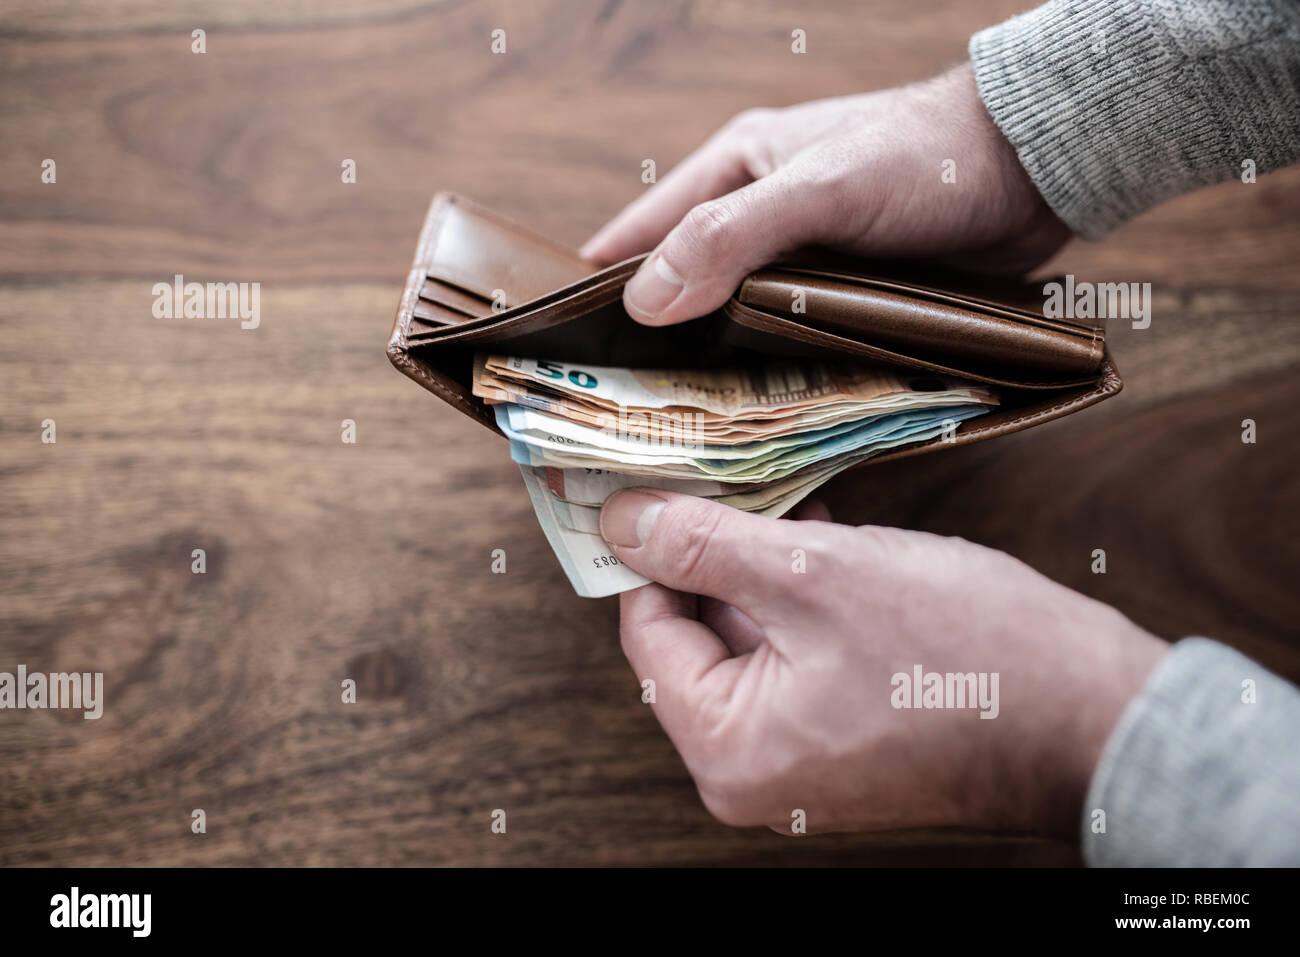 Personne comptant pile de papier l'argent dans votre portefeuille Photo Stock